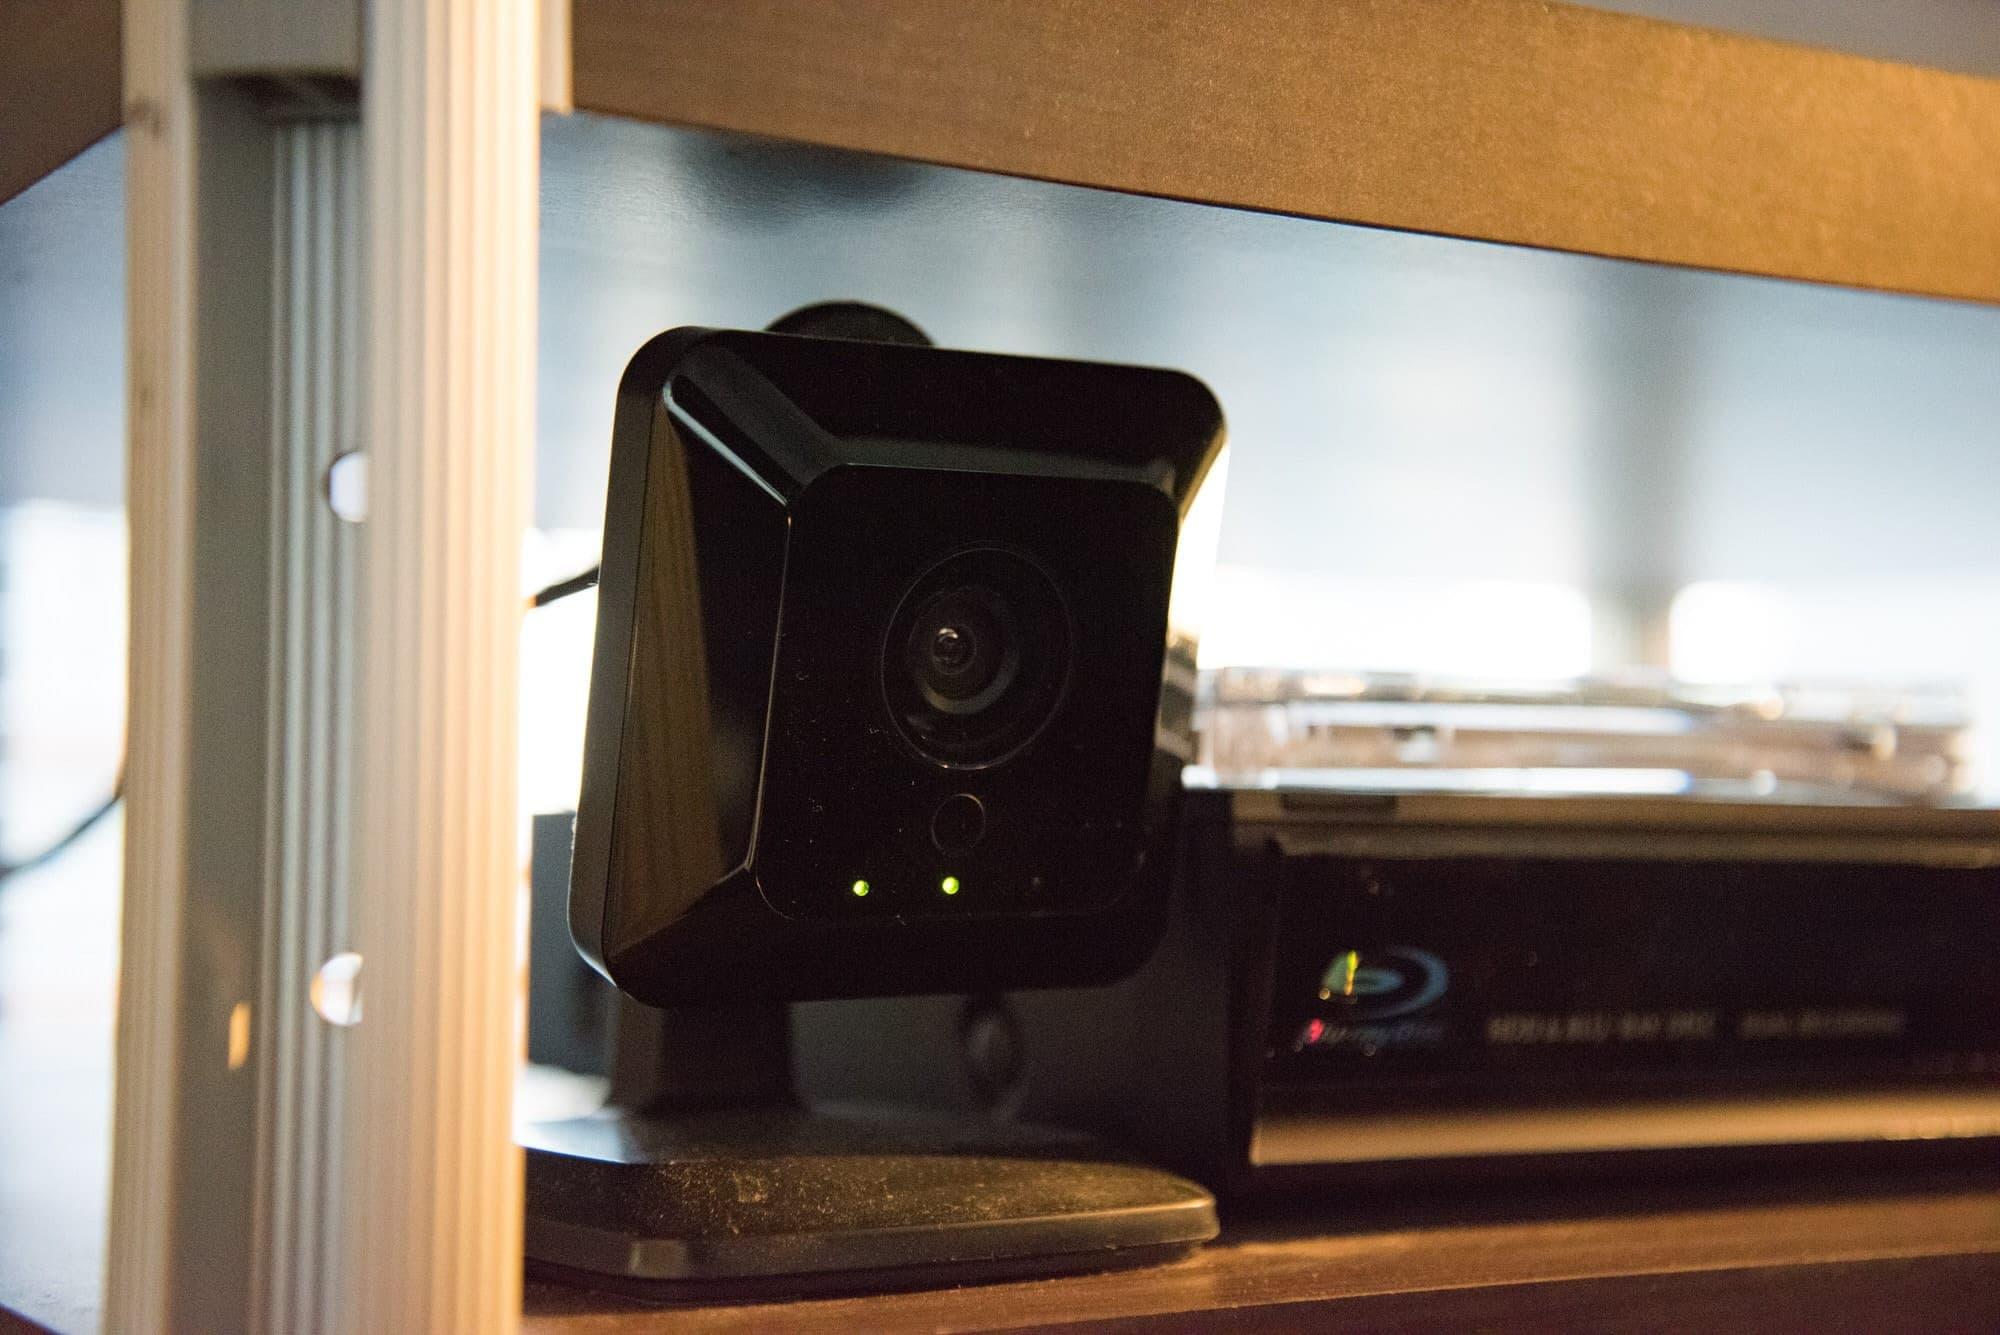 センサー付きのIPカメラ